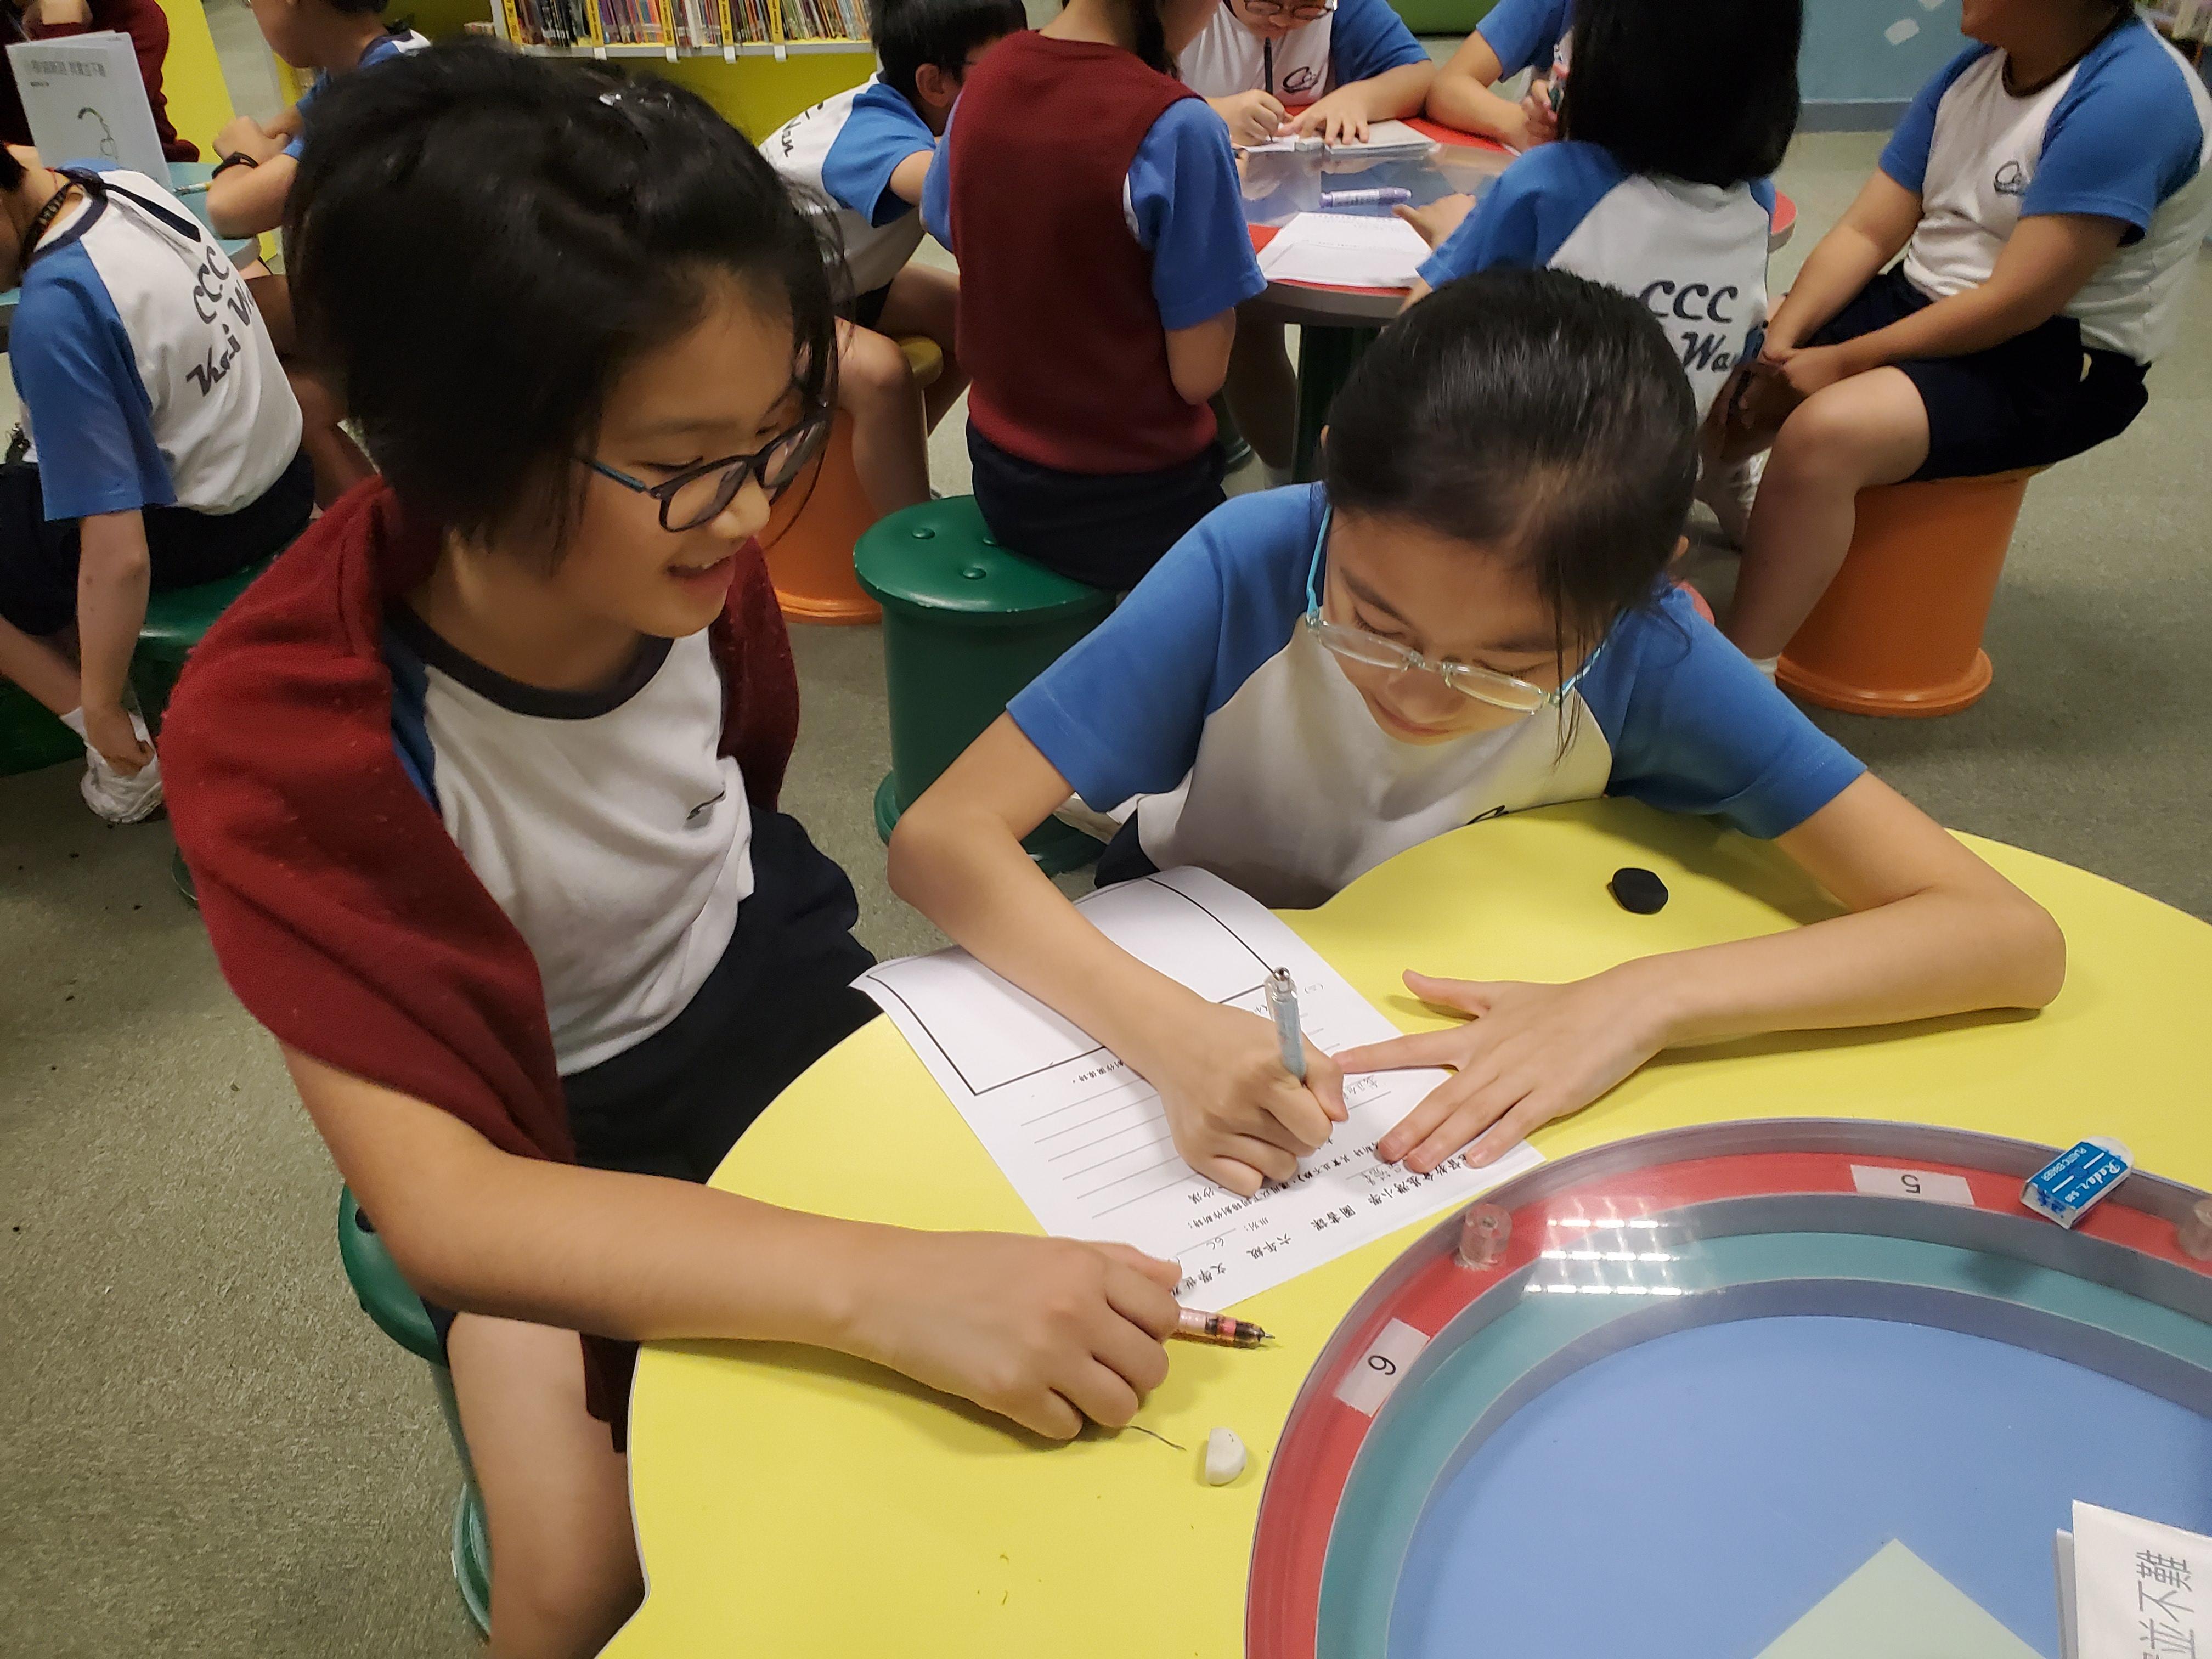 http://www.keiwan.edu.hk/sites/default/files/20191106_151056.jpg